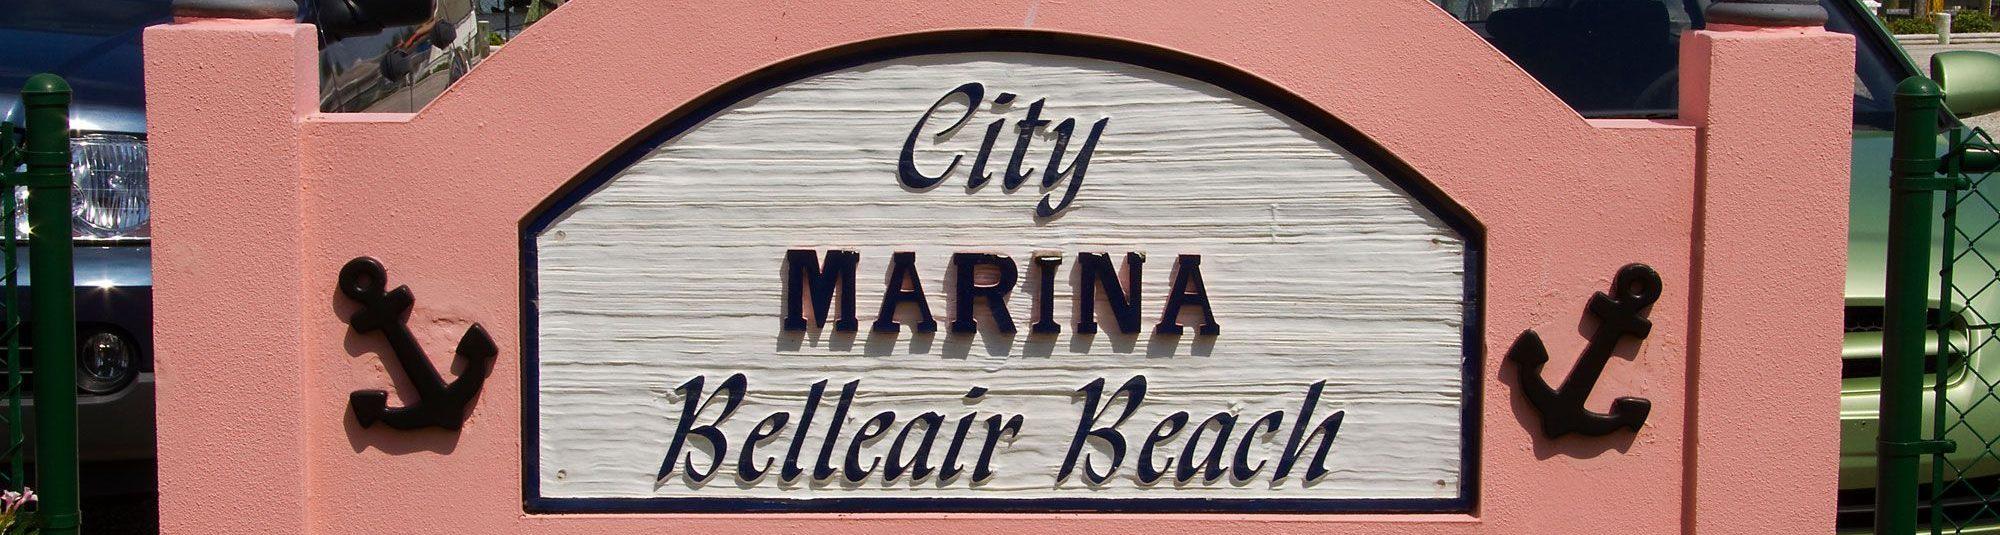 City of Belleair Beach